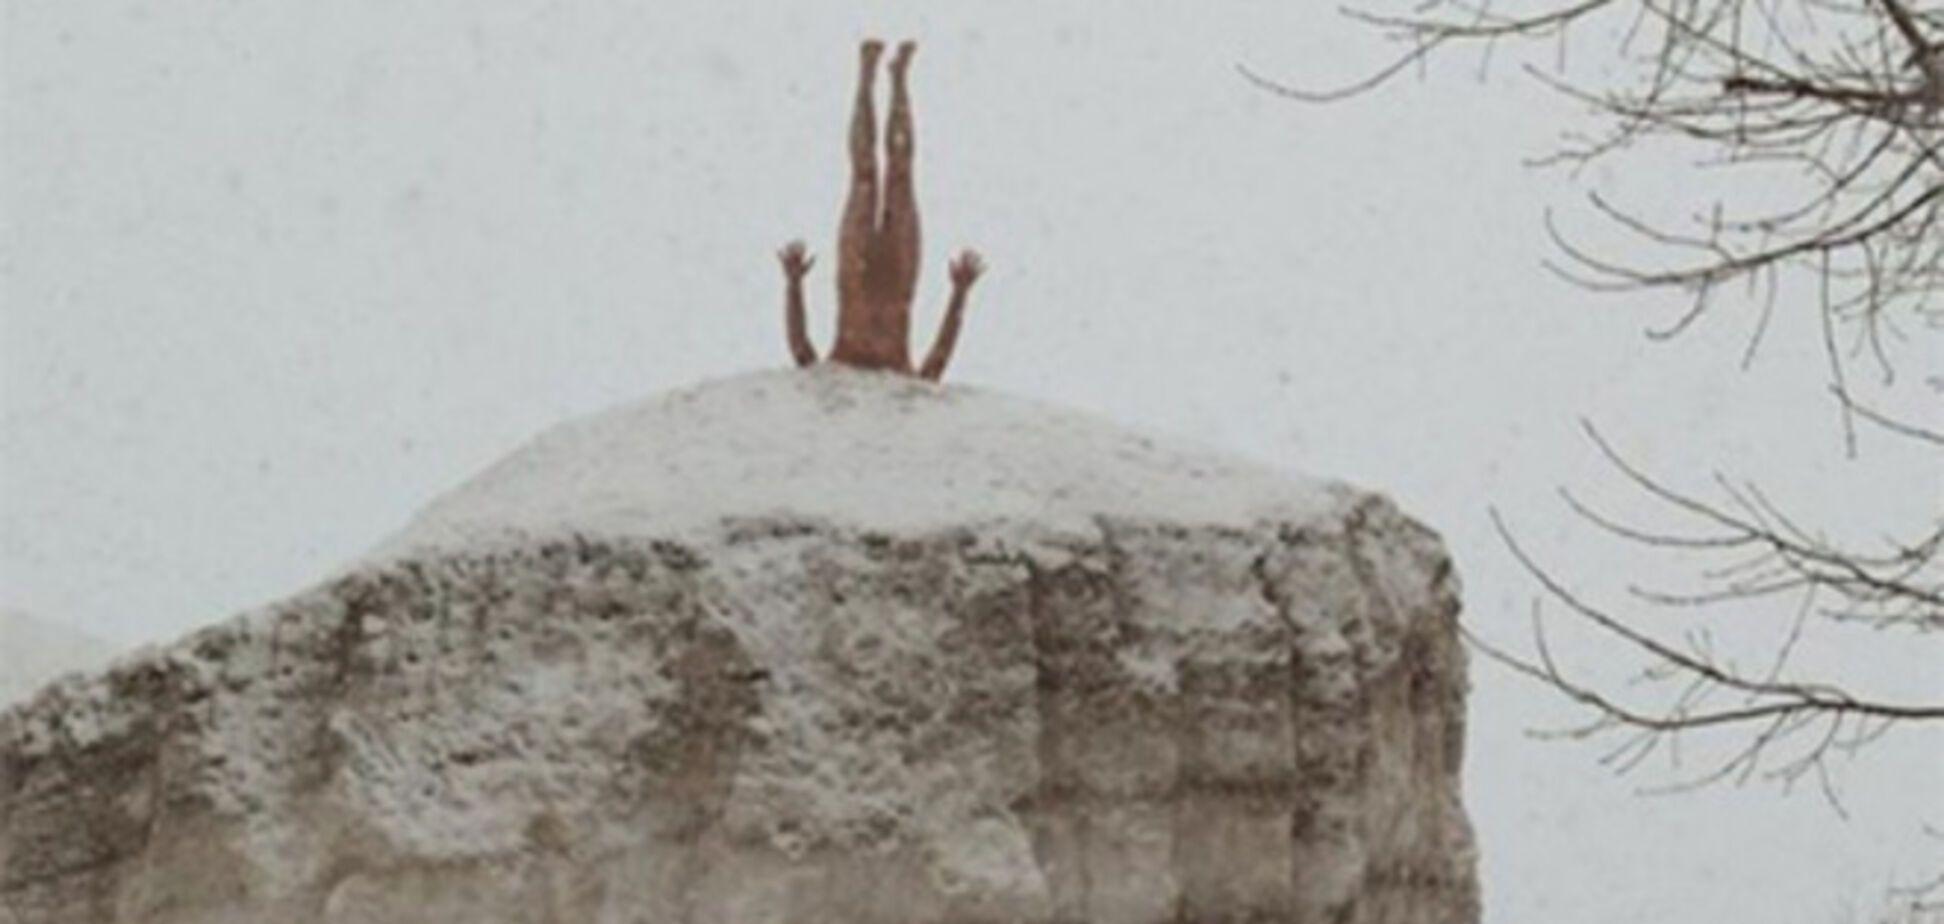 В Воронеже голый художник воткнулся головой в сугроб, чтобы стать похожим на дерево: фотофакт